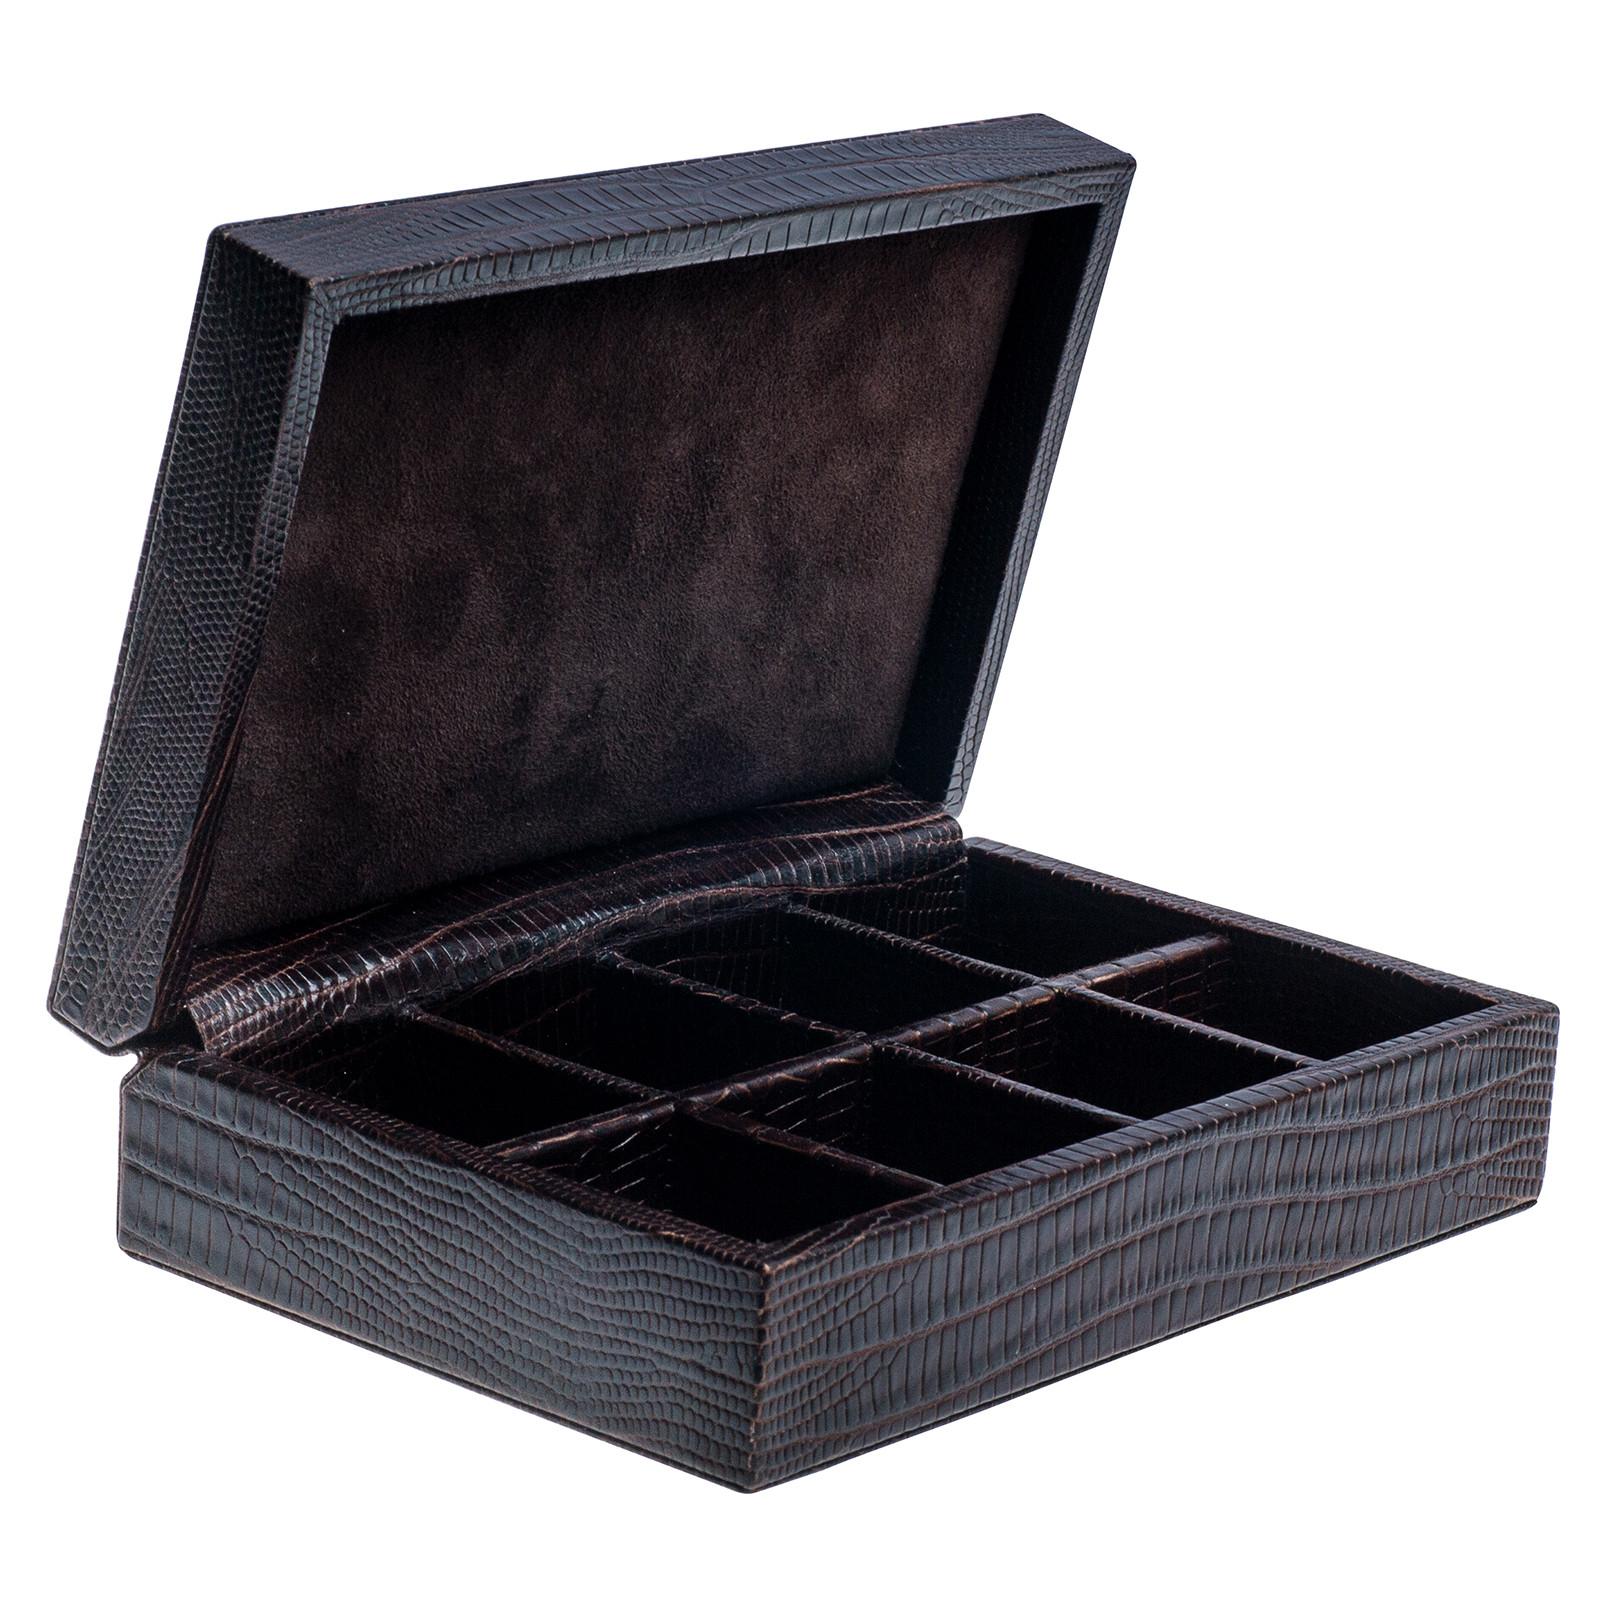 New Wolf Designs Cufflink Box